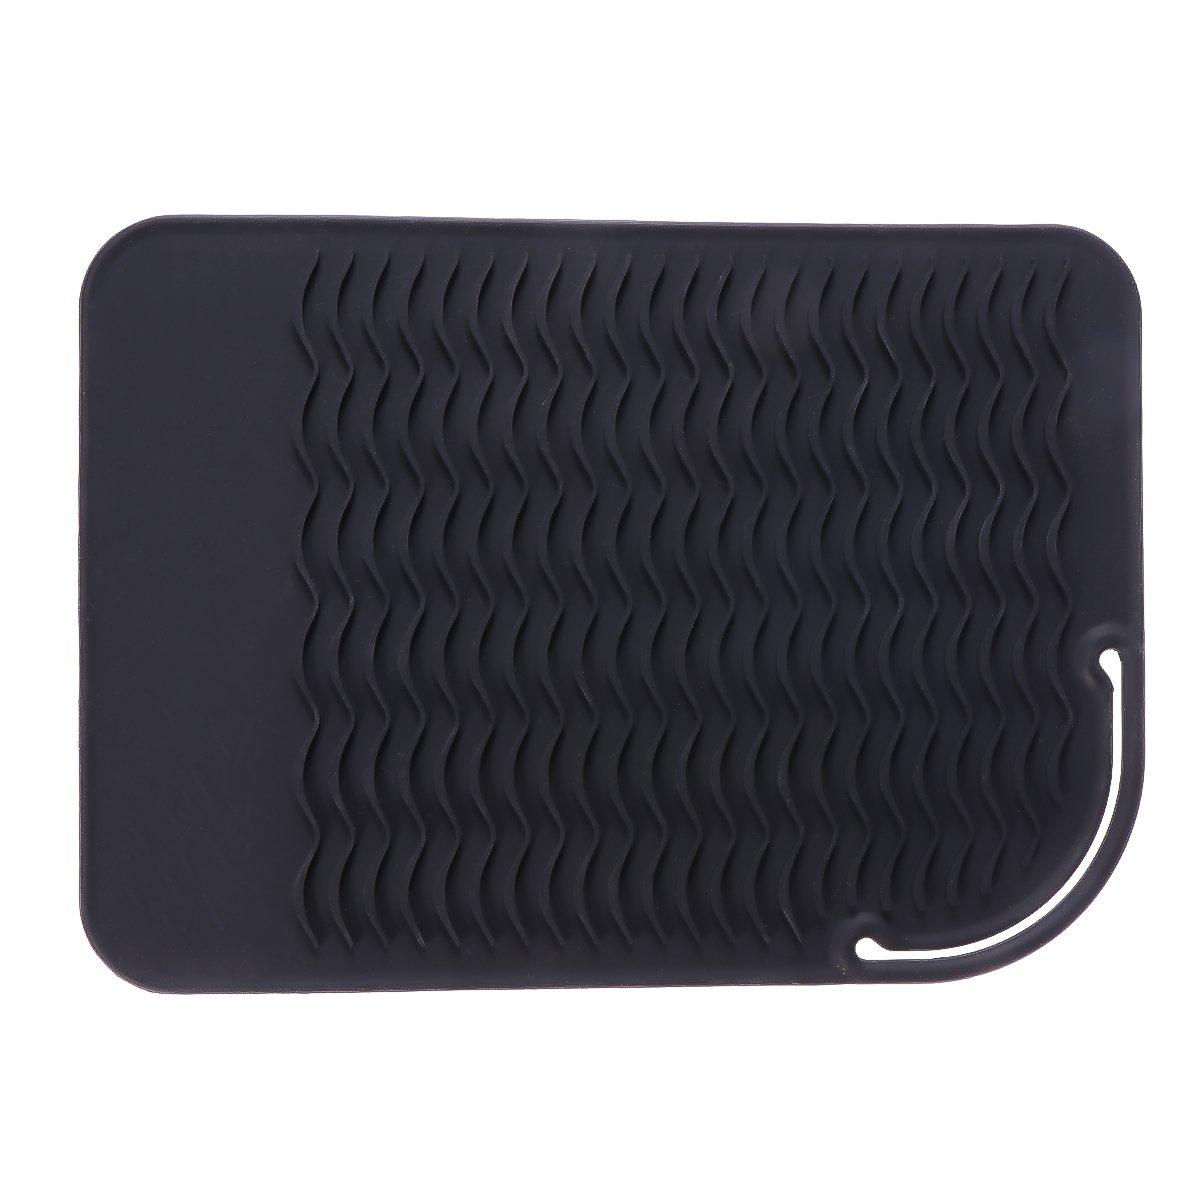 Lurrose Tappetino antiscivolo in silicone resistente al calore, tappetino da viaggio per ferri da stiro bigodino piatto e raddrizzatore (nero)